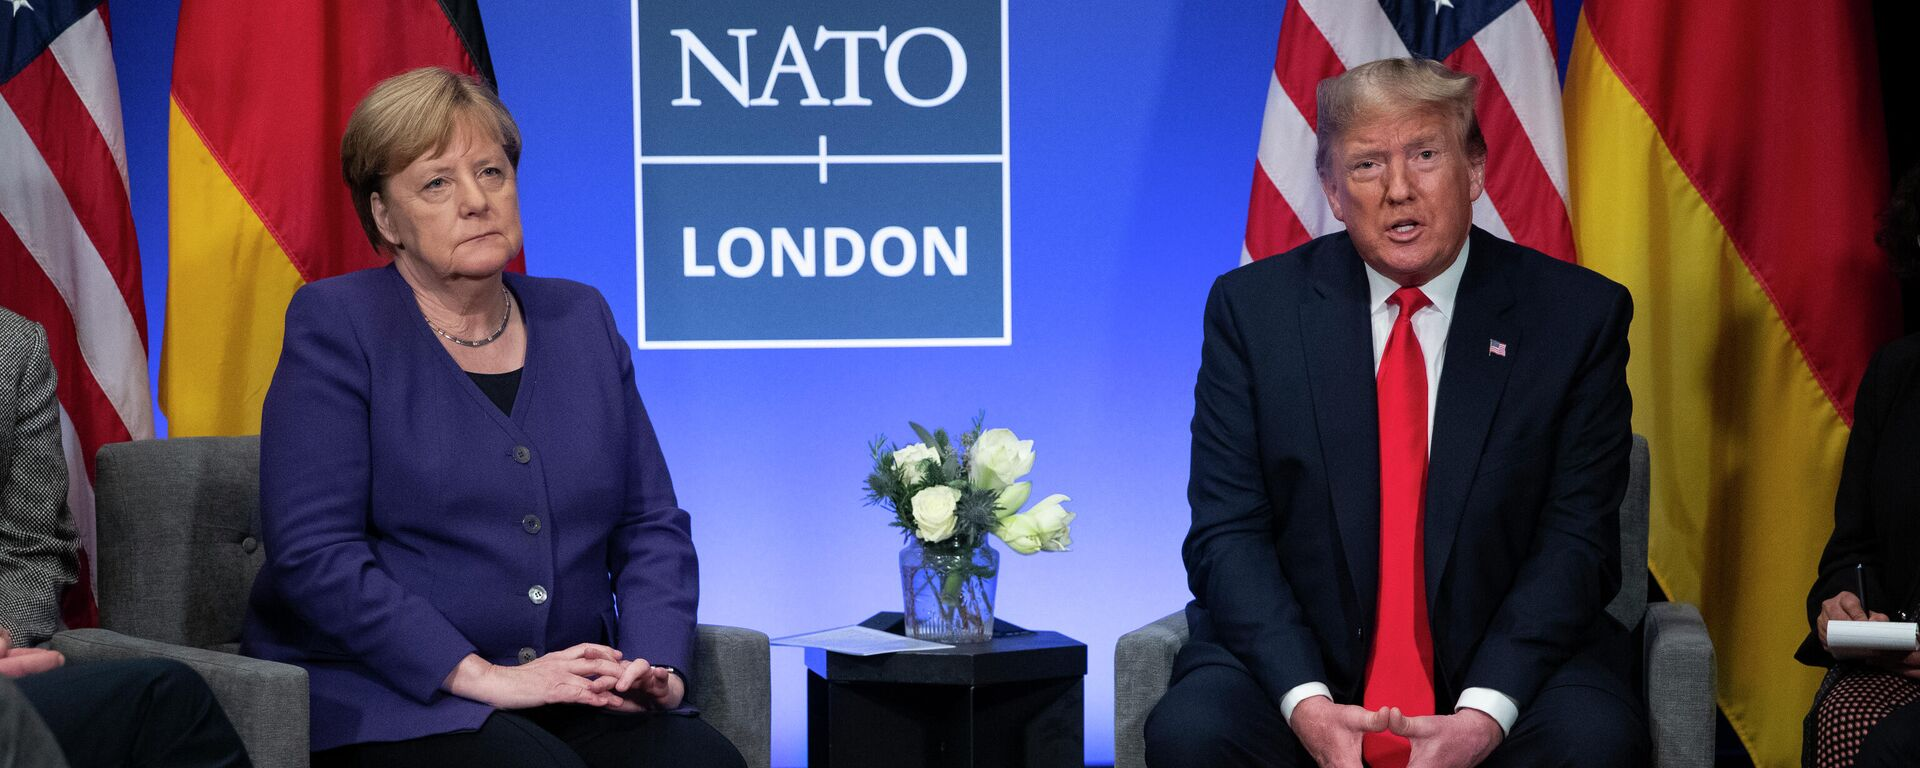 Die deutsche Bundeskanzlerin Angela Merkel und der damalige US-Präsident Donald Trump beim Nato-Gipfel 2019 - SNA, 1920, 15.07.2021